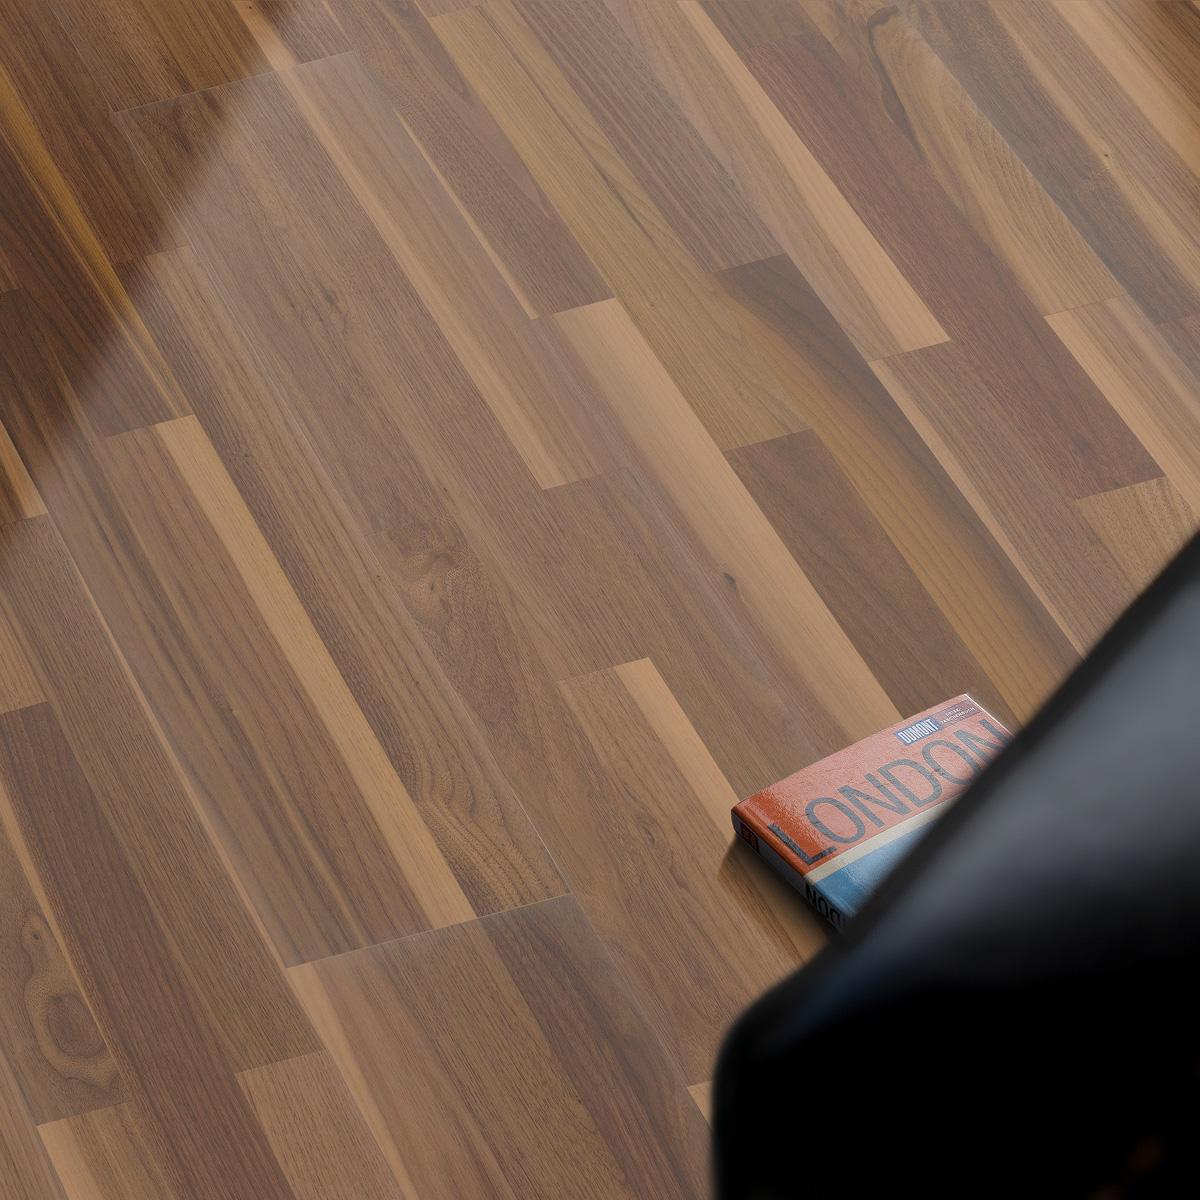 dunkles parkett parkett fu b den der boden online shop aus sterreich. Black Bedroom Furniture Sets. Home Design Ideas